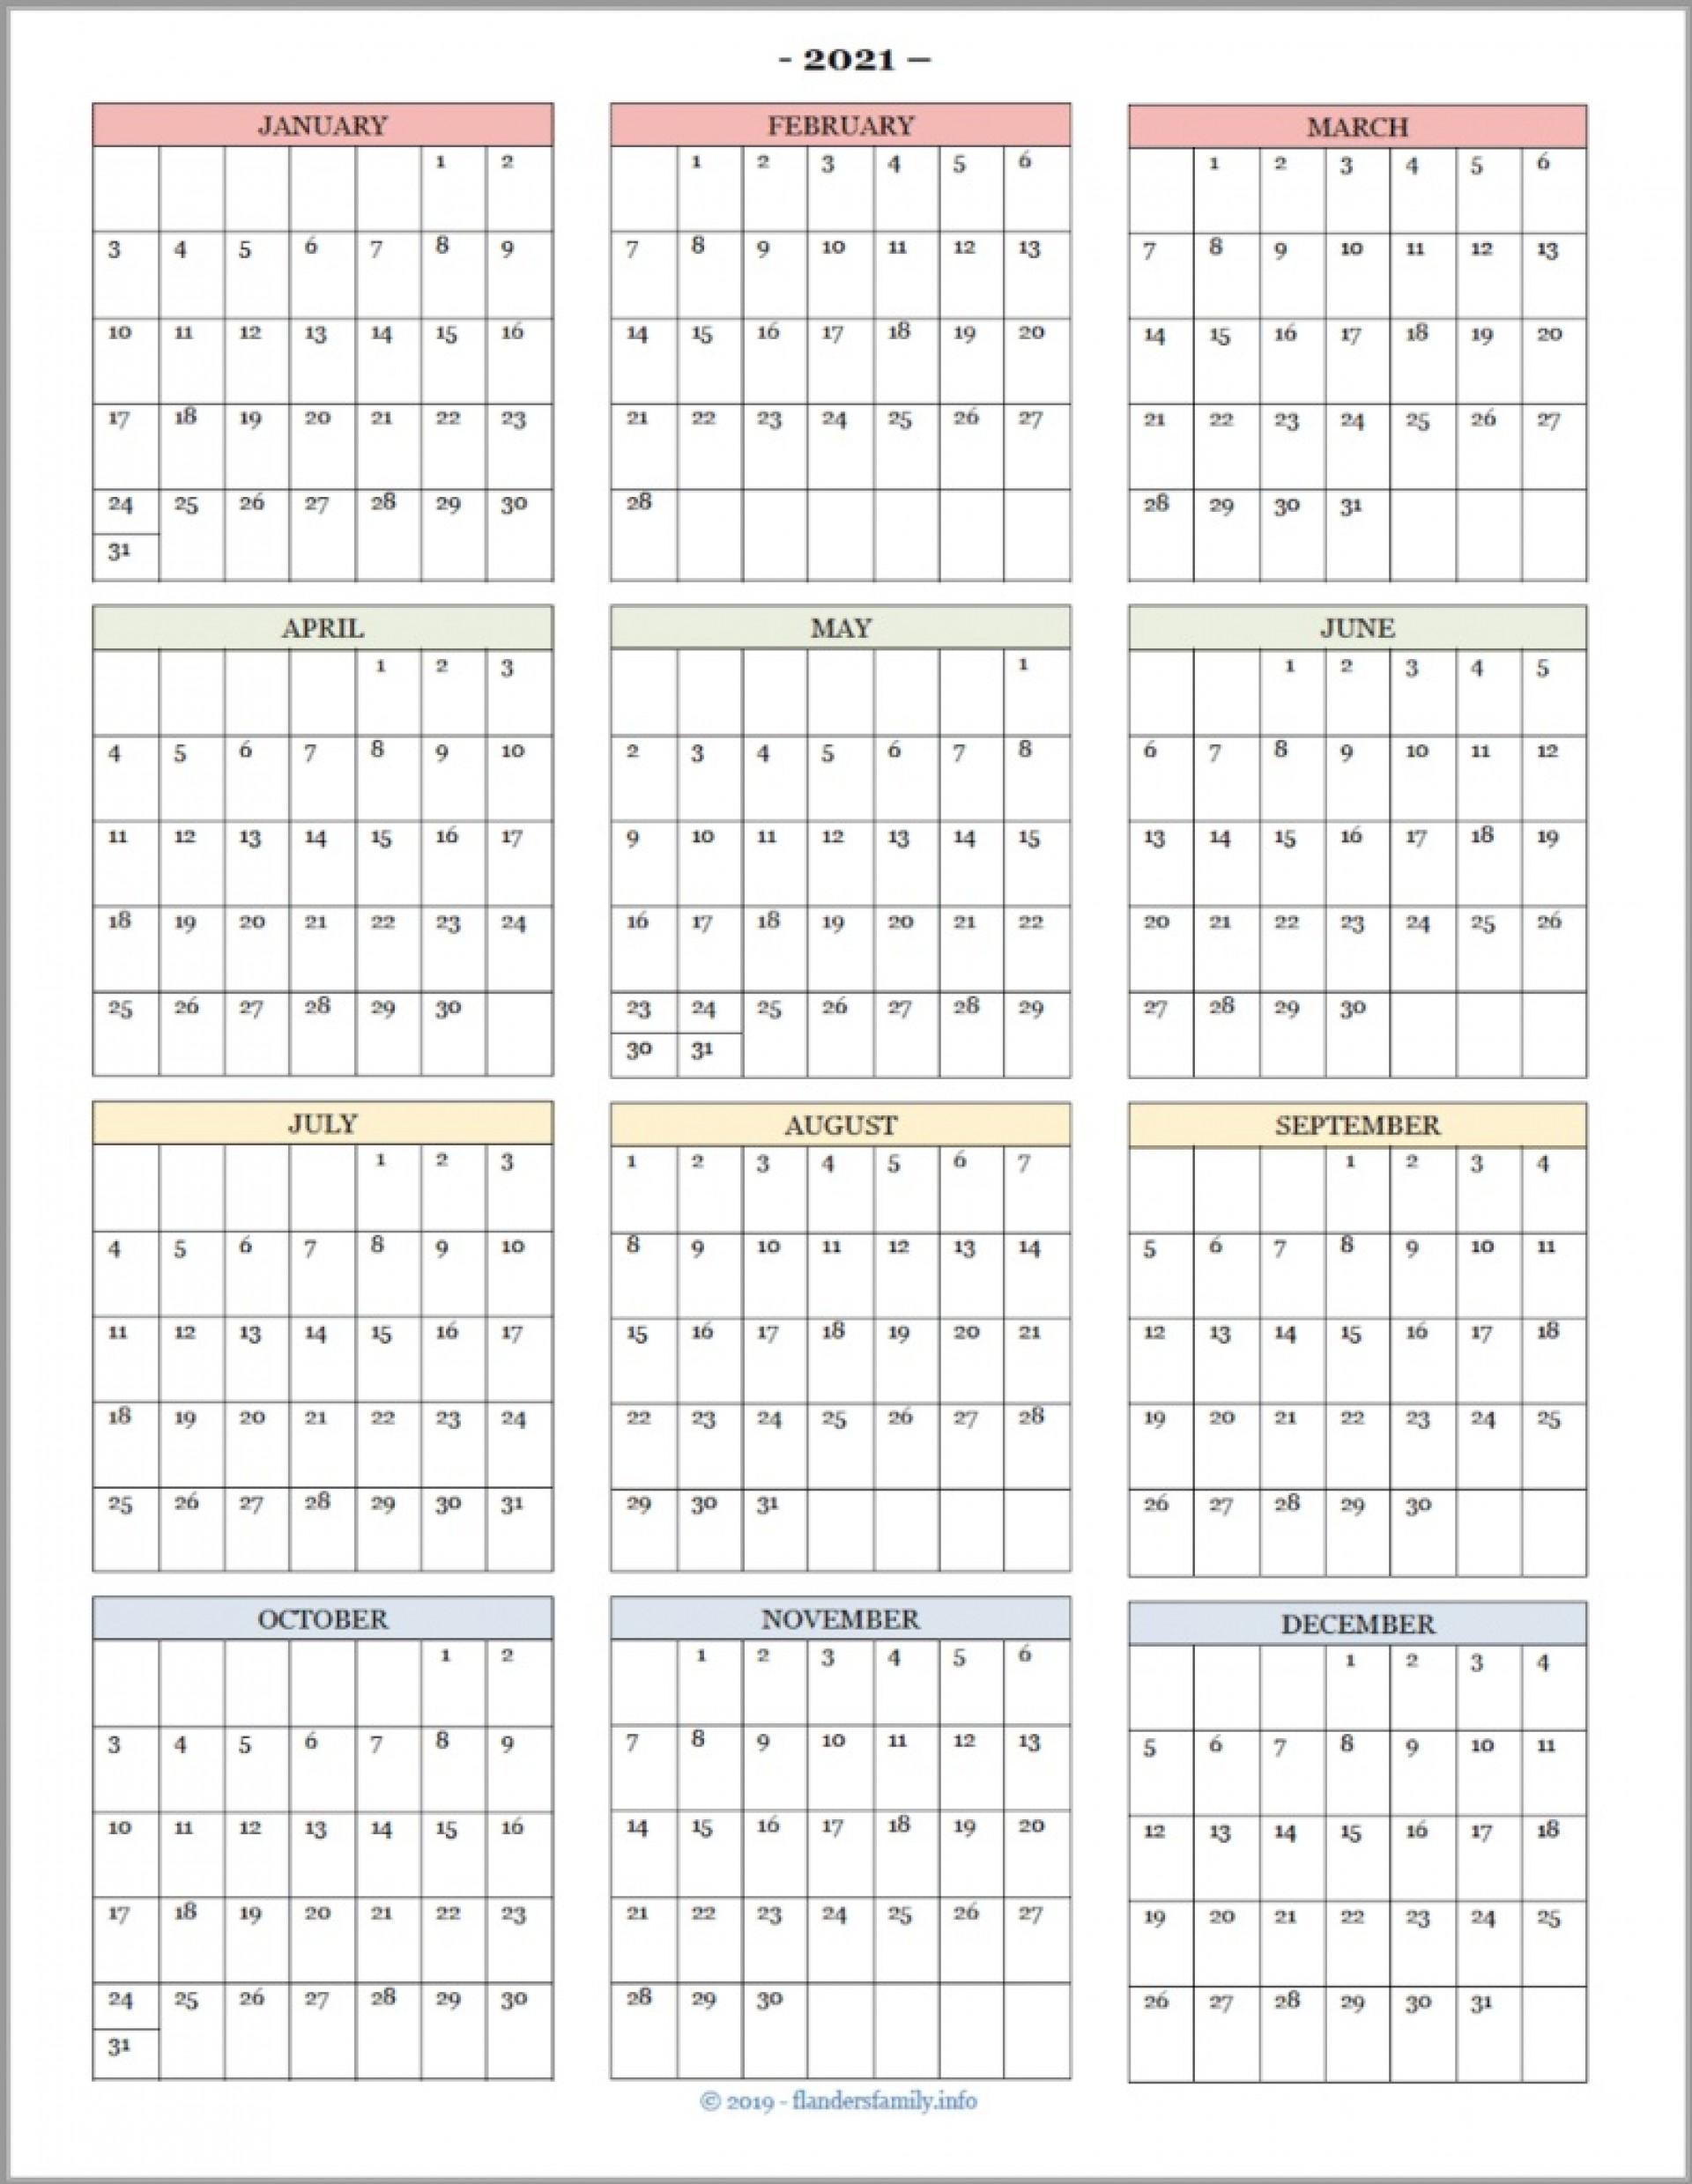 007 Singular School Year Calendar Template High Def  Excel 2019-20 Word1920